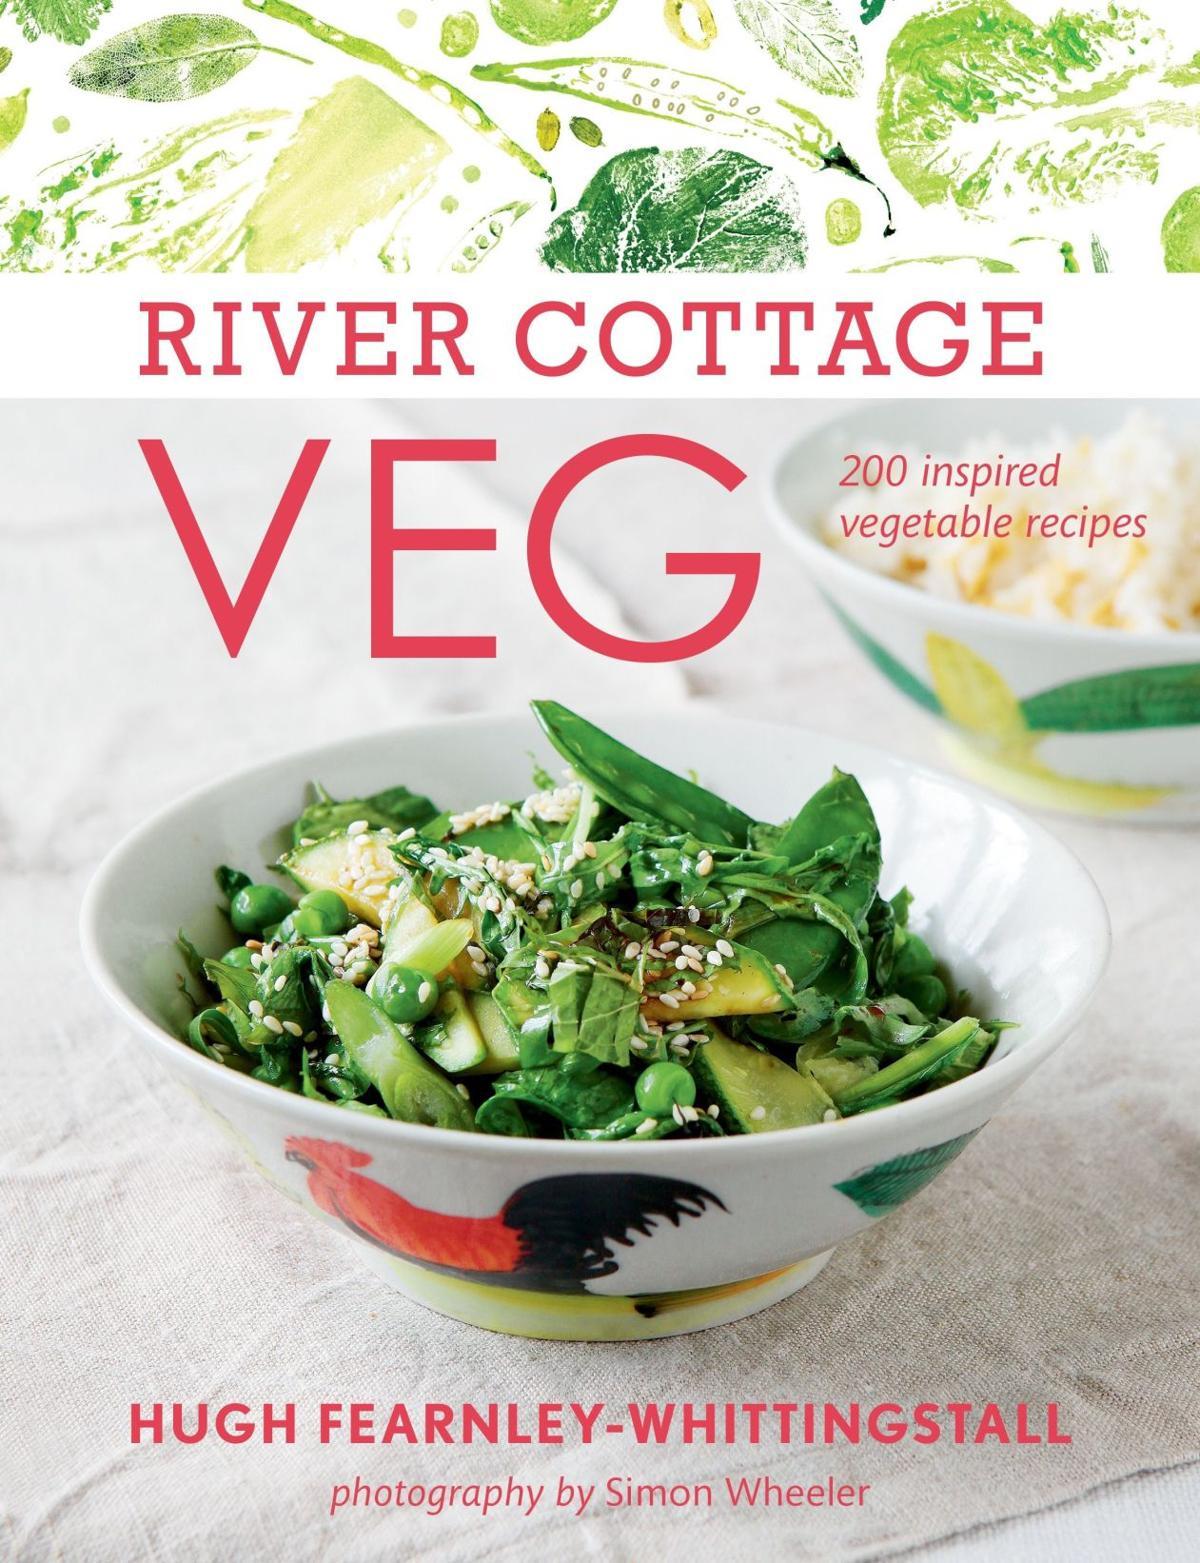 Books bursting with veggie recipes